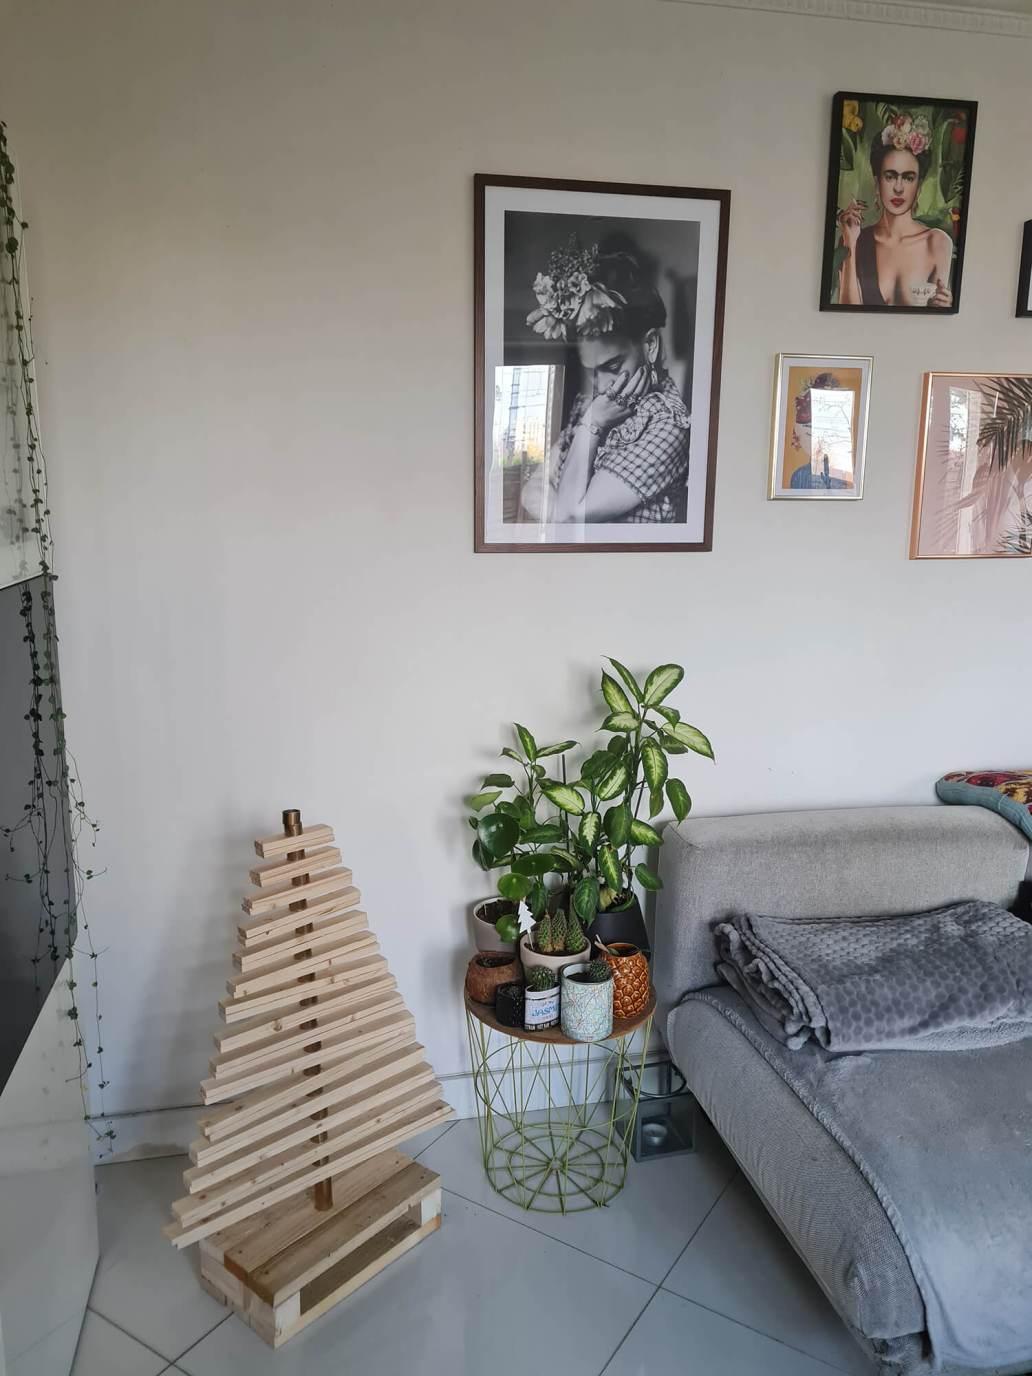 20201208 131209 - DIY récup : fabriquer un sapin de Noël en bois avec des tasseaux